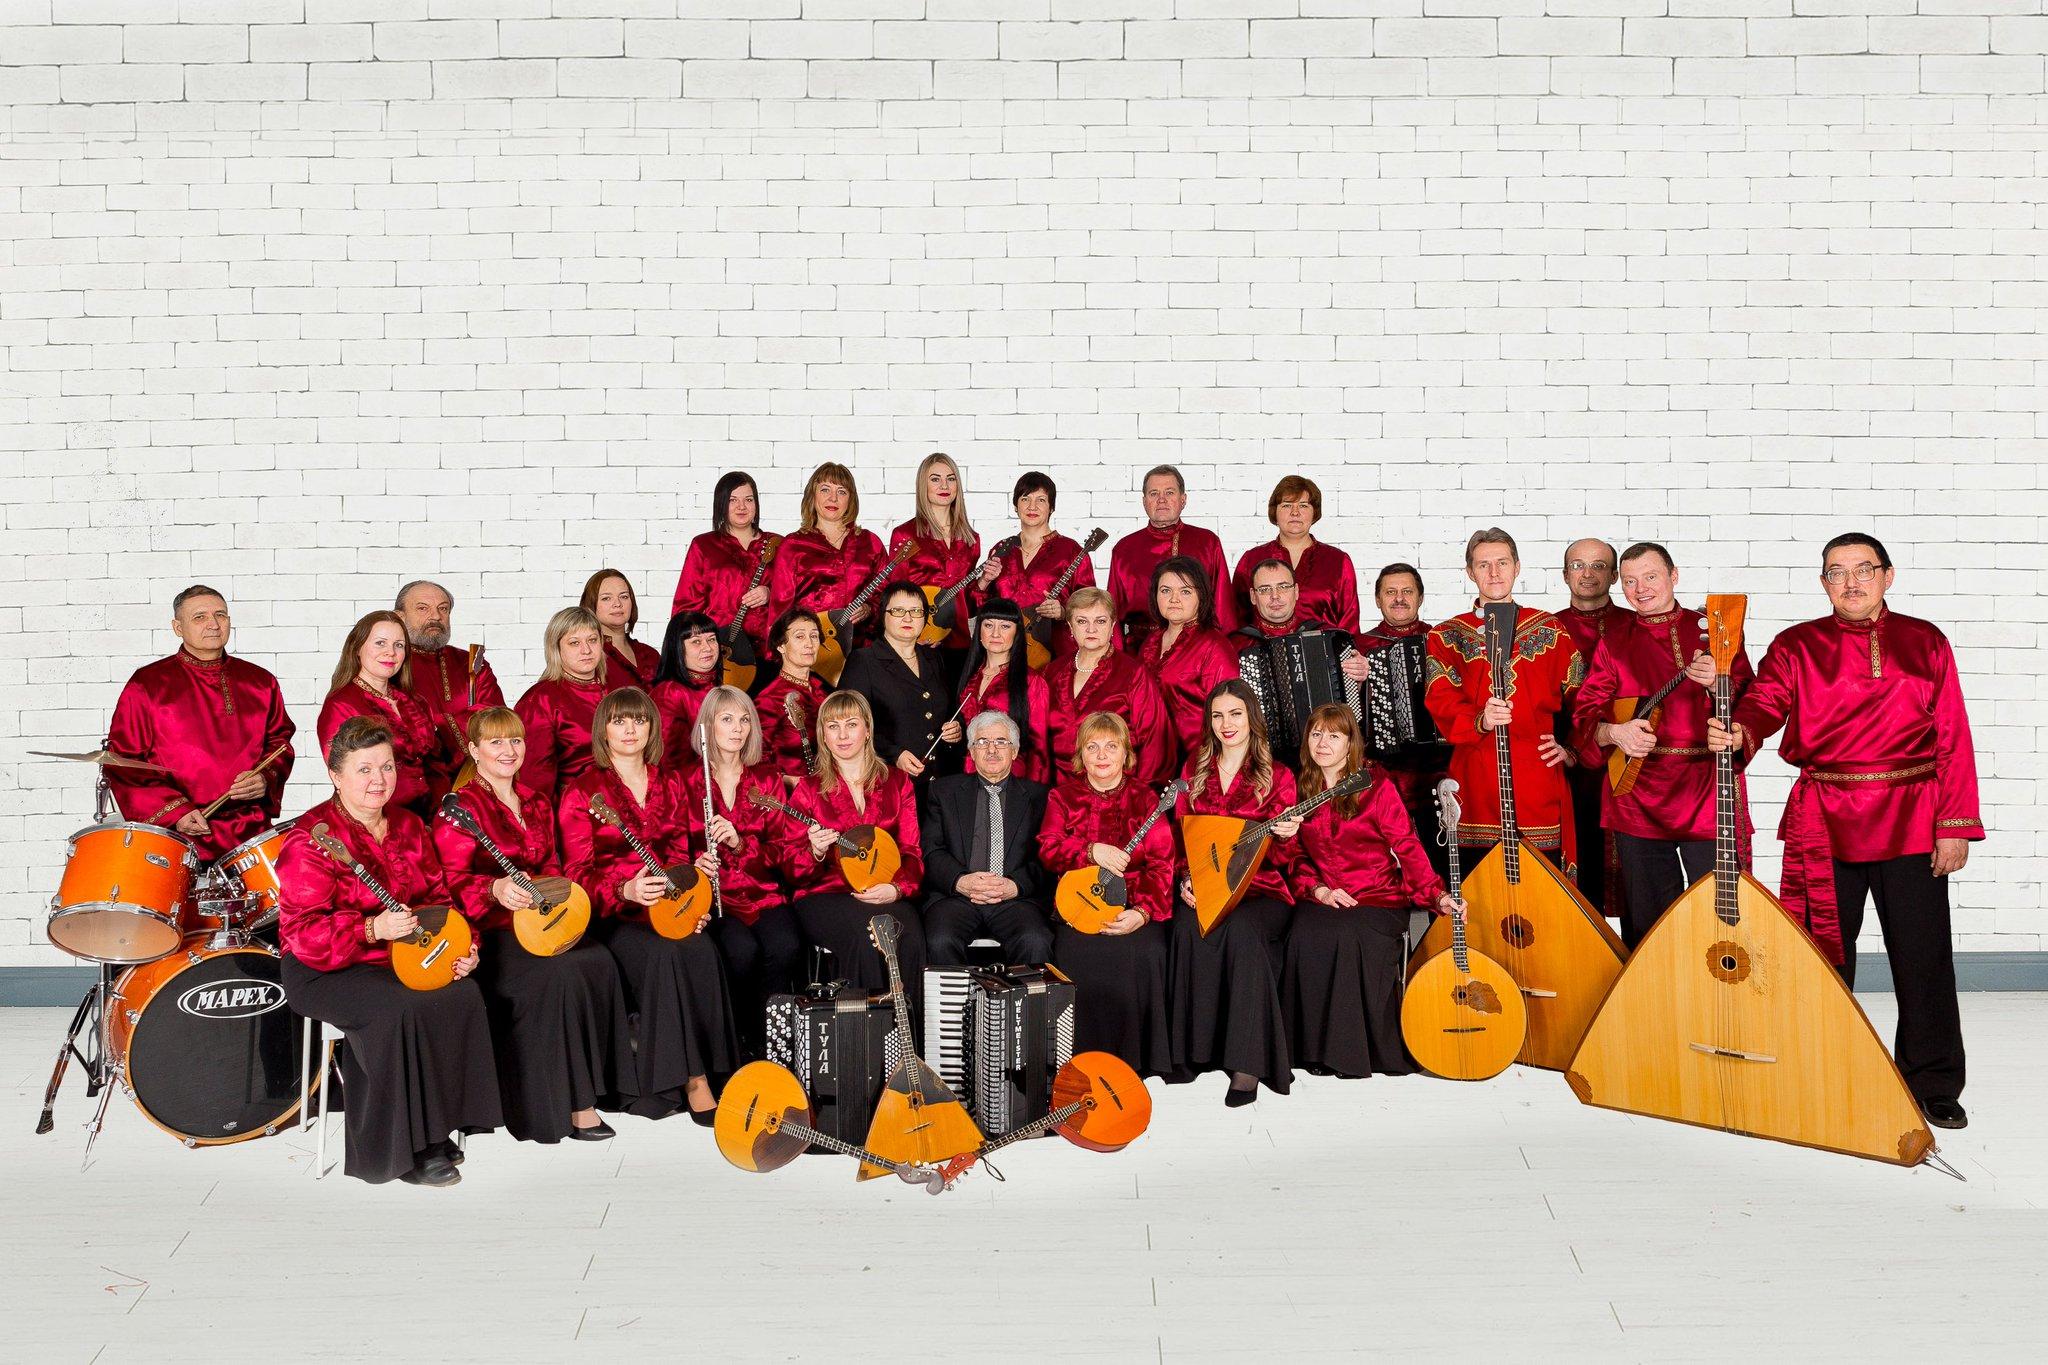 Картинки оркестра народных инструментов